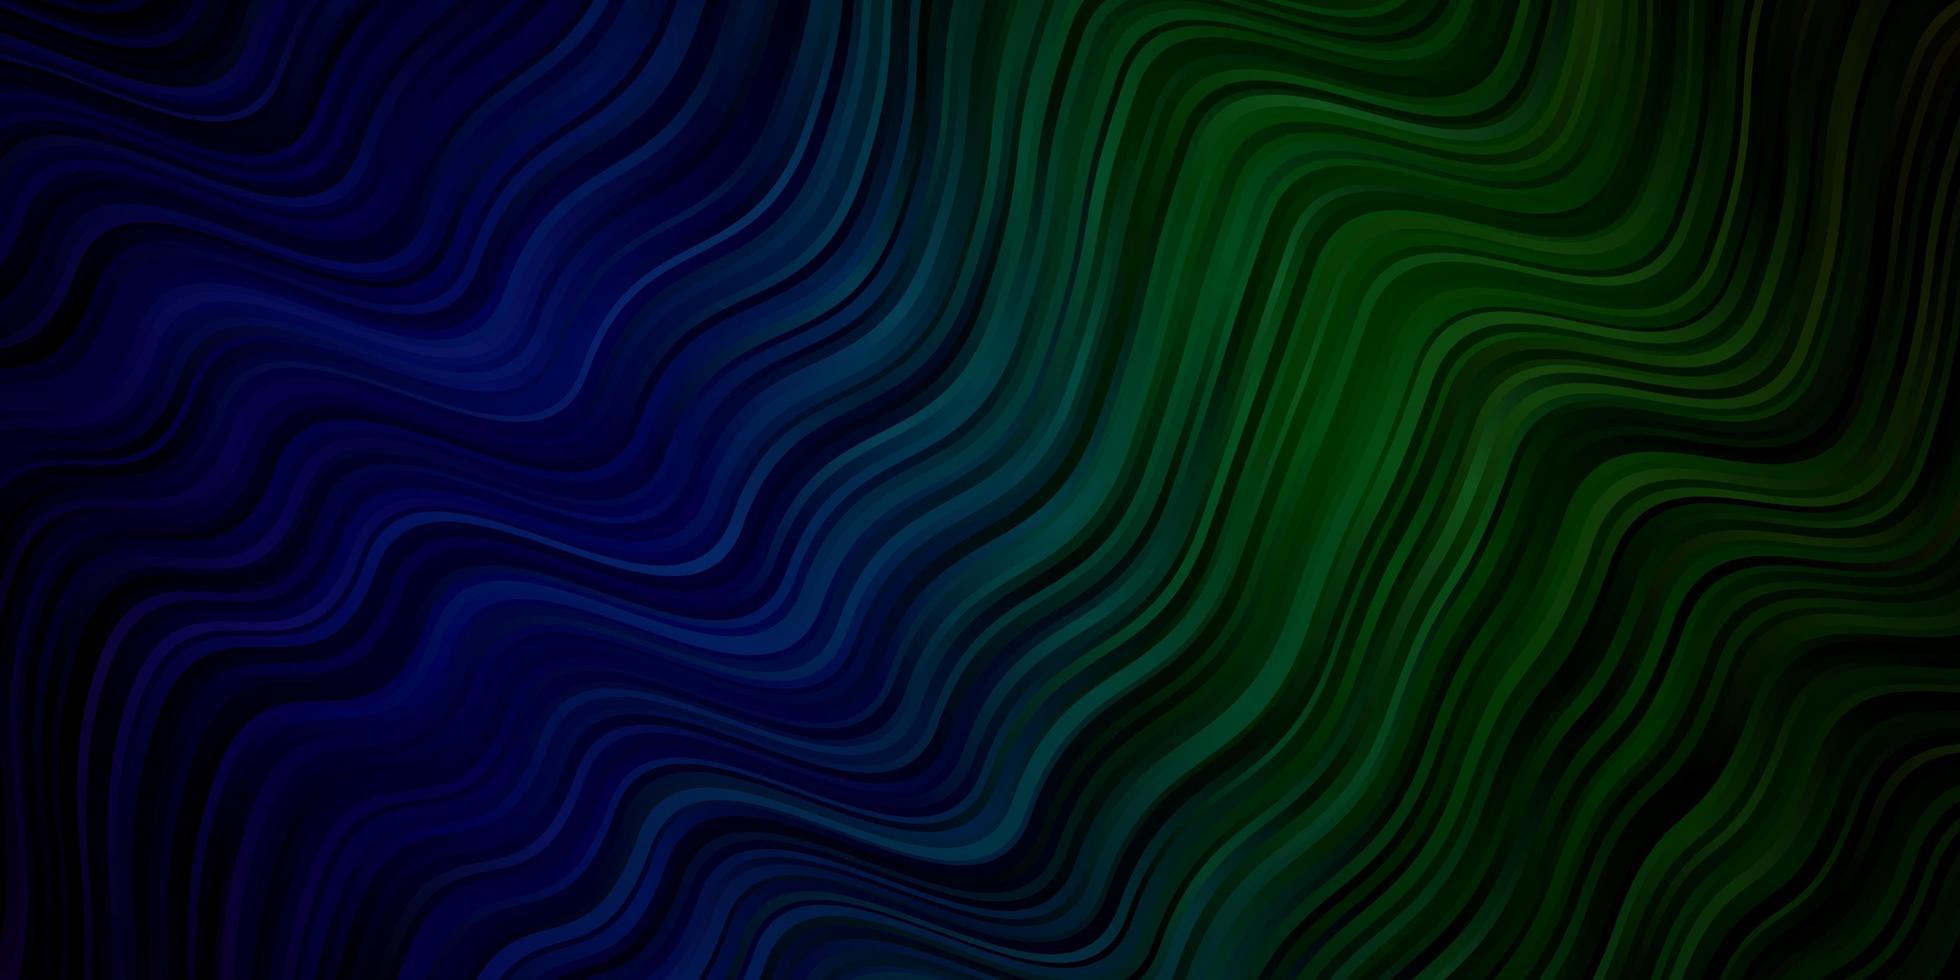 fundo vector azul e verde claro com linhas dobradas.